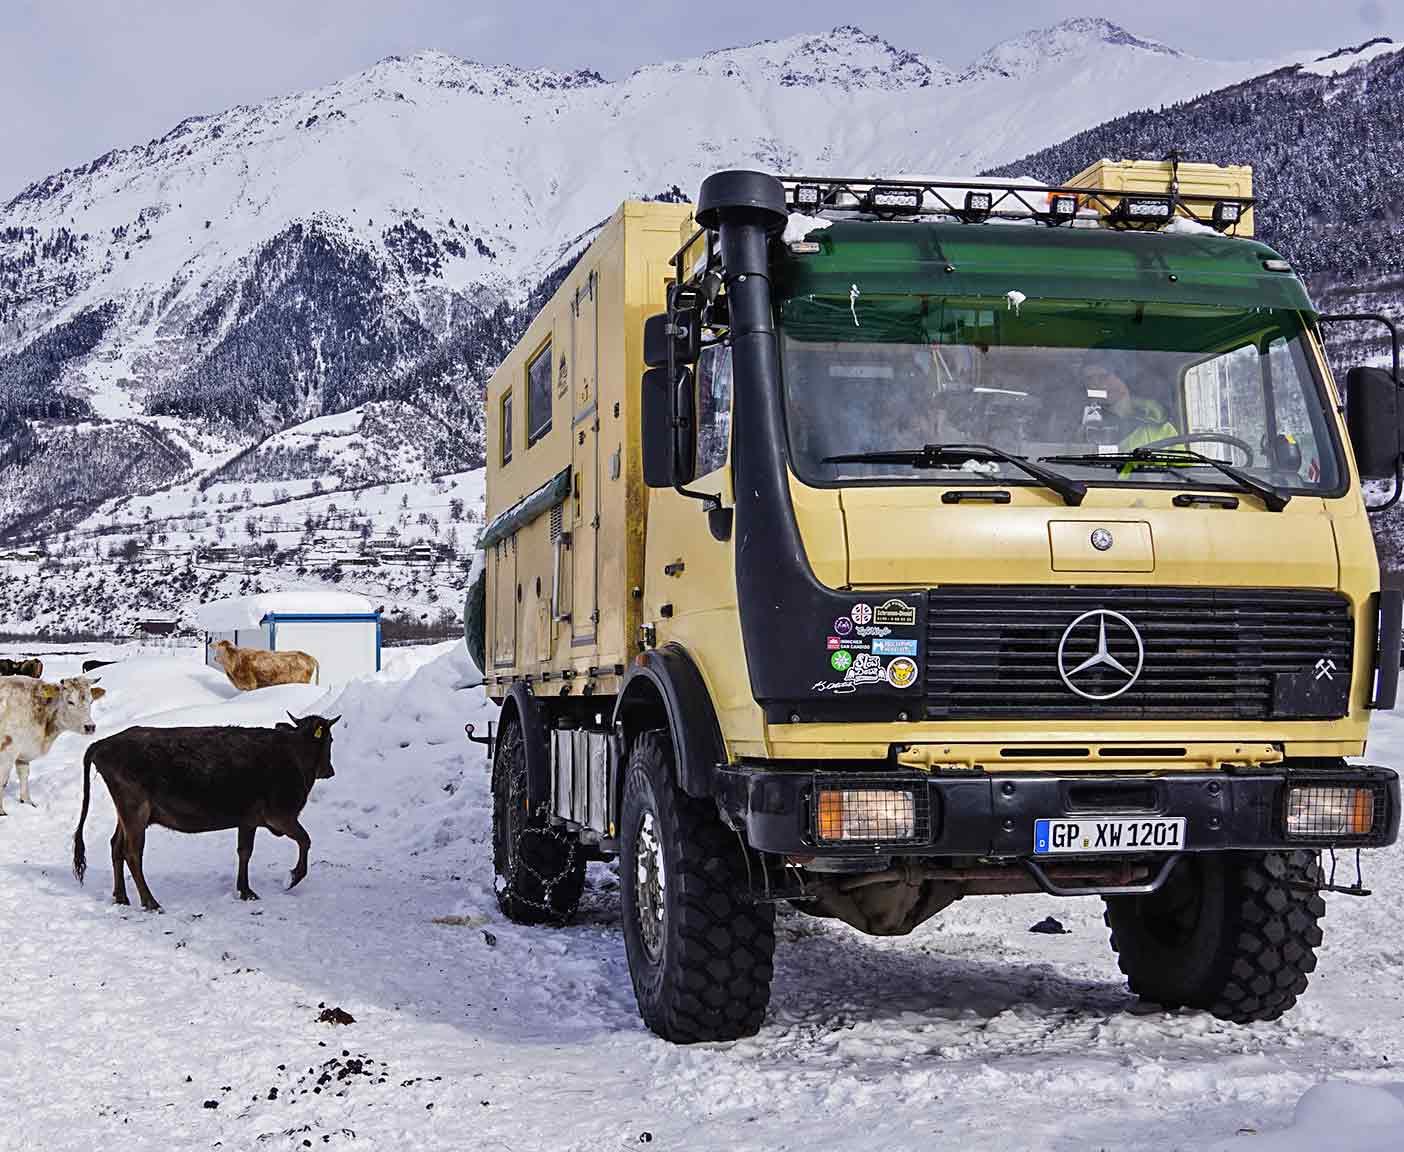 mercedes-1622-benz1017-expeditionsmobil-gebraucht-hersteller-mieten-4x4-zu-verkaufen-weltreise-expeditionsmobil-9